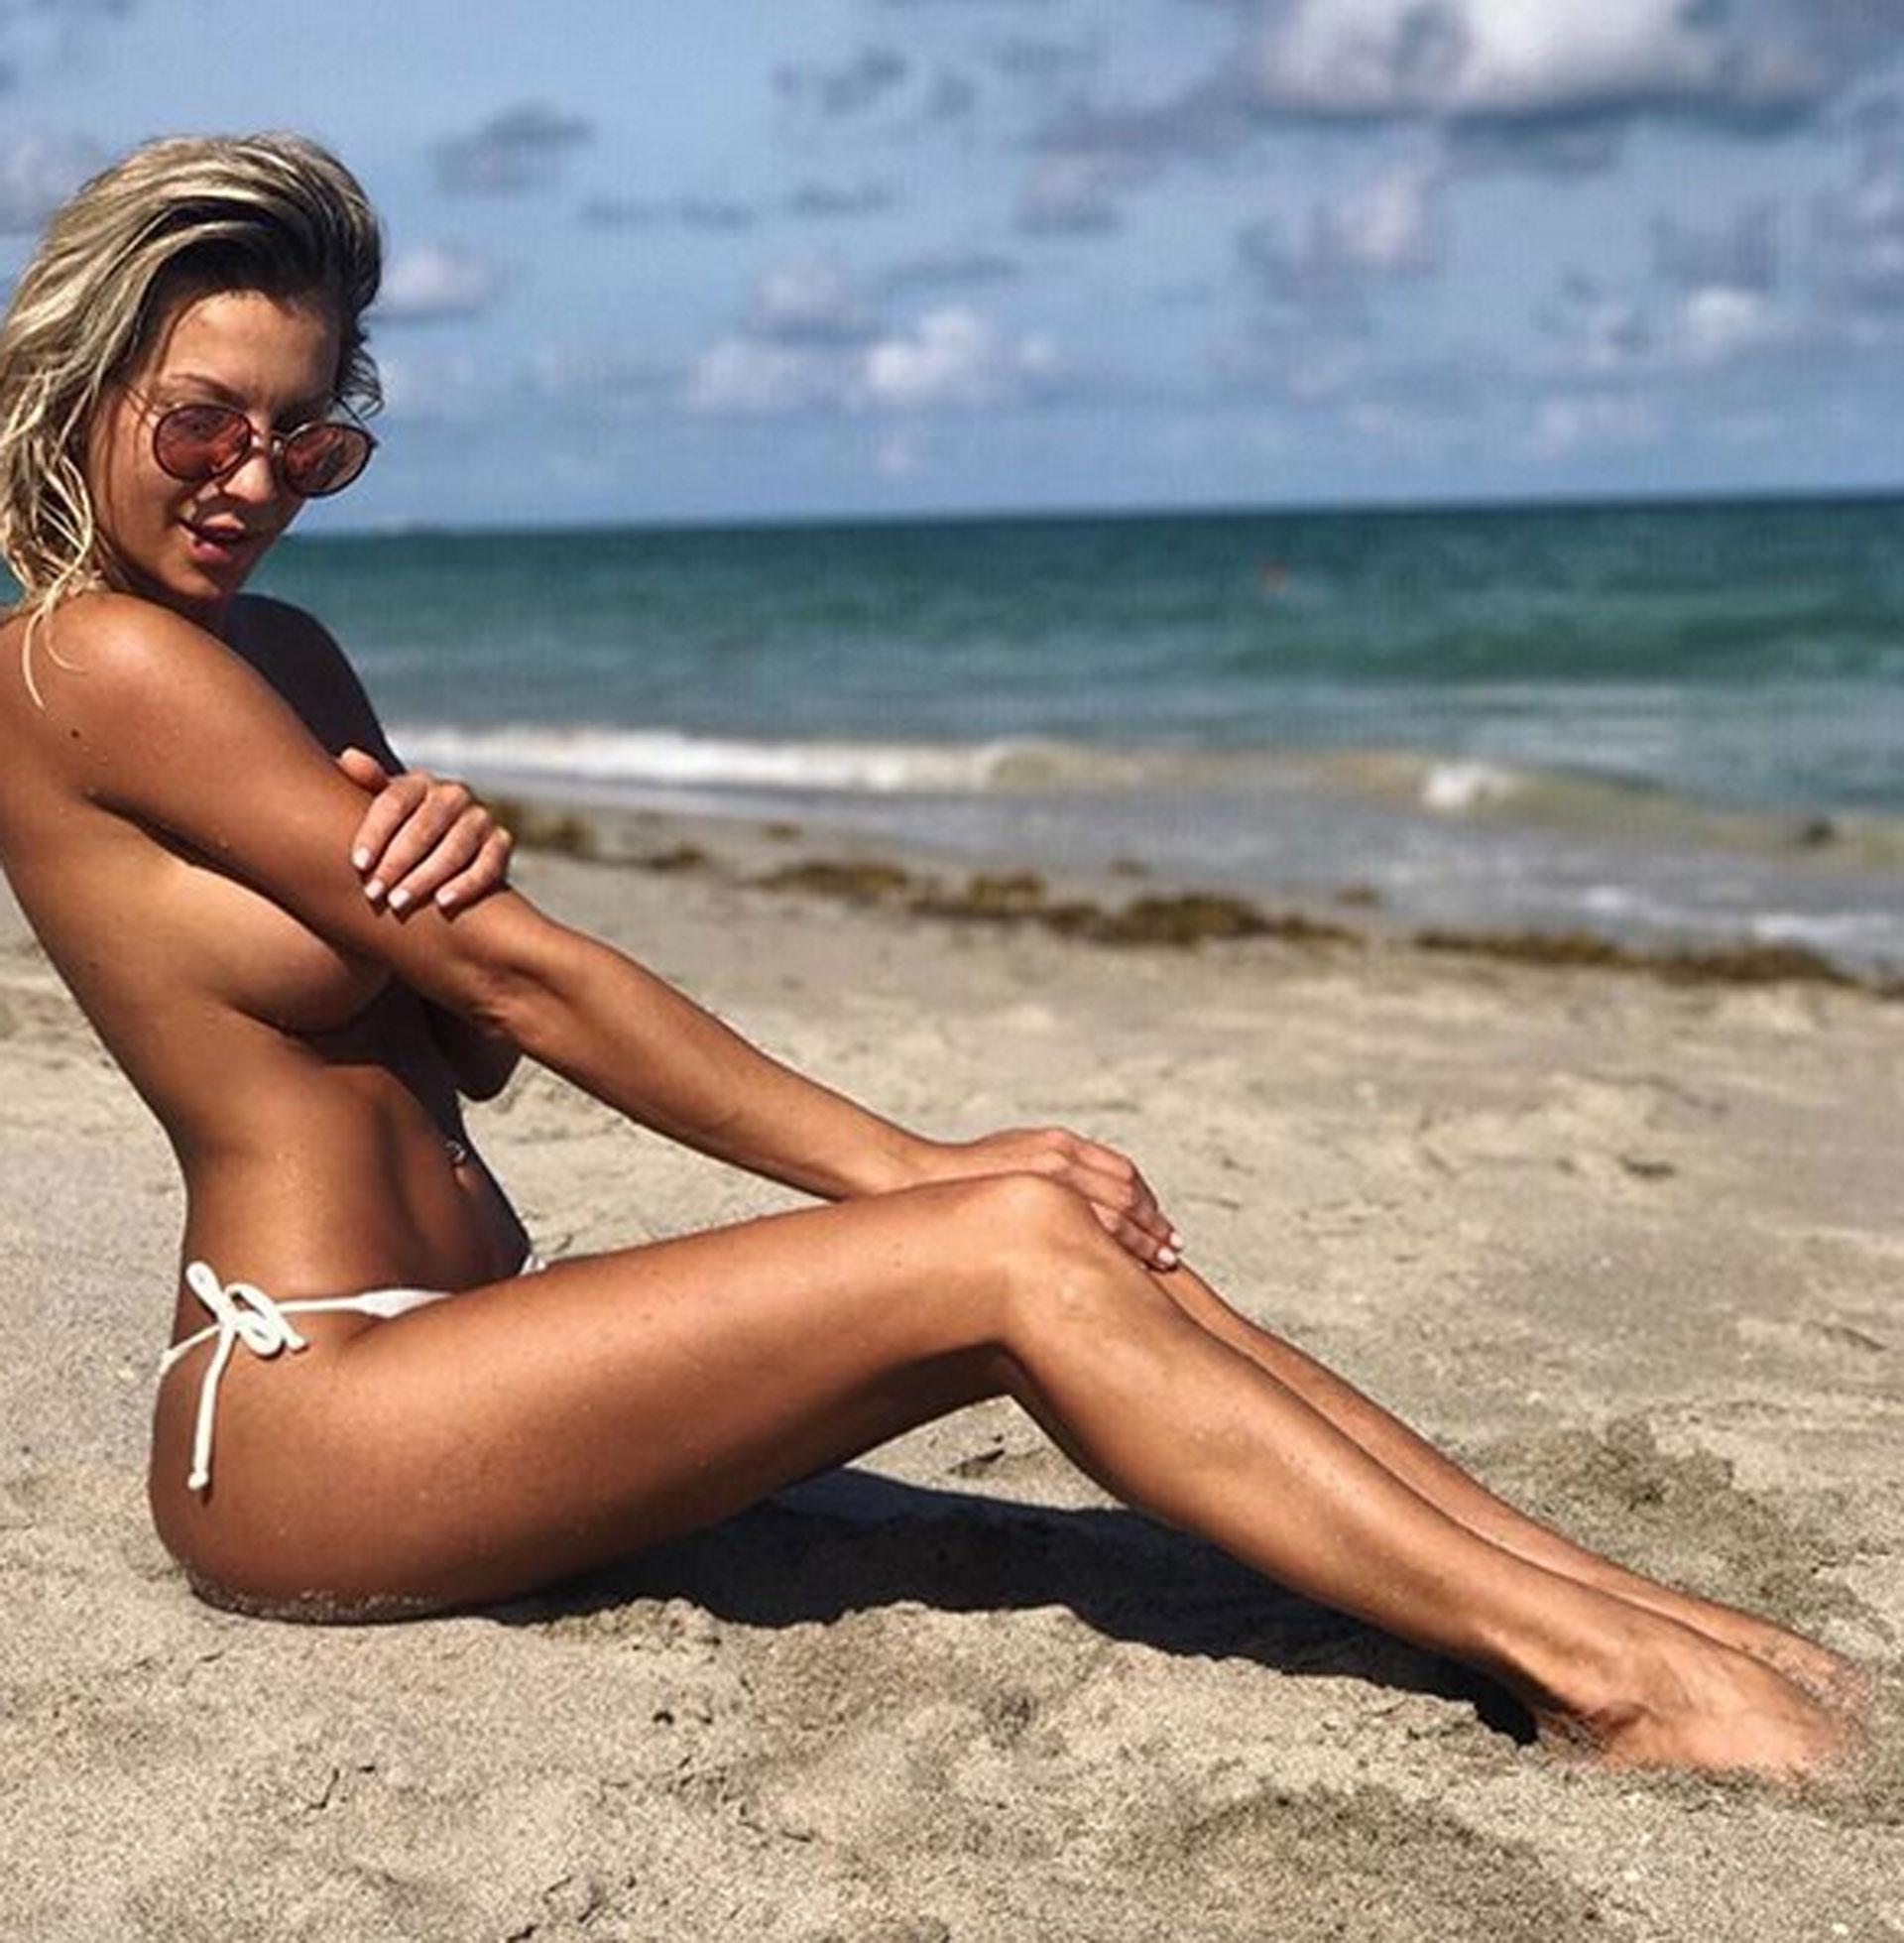 Noelia Marzol se fue de vacaciones a los Estados Unidos con su novio Marcos Baldovino. Aprovechó para tomar sol y se sacó una foto súper hot en topless. ¡Una diosa!